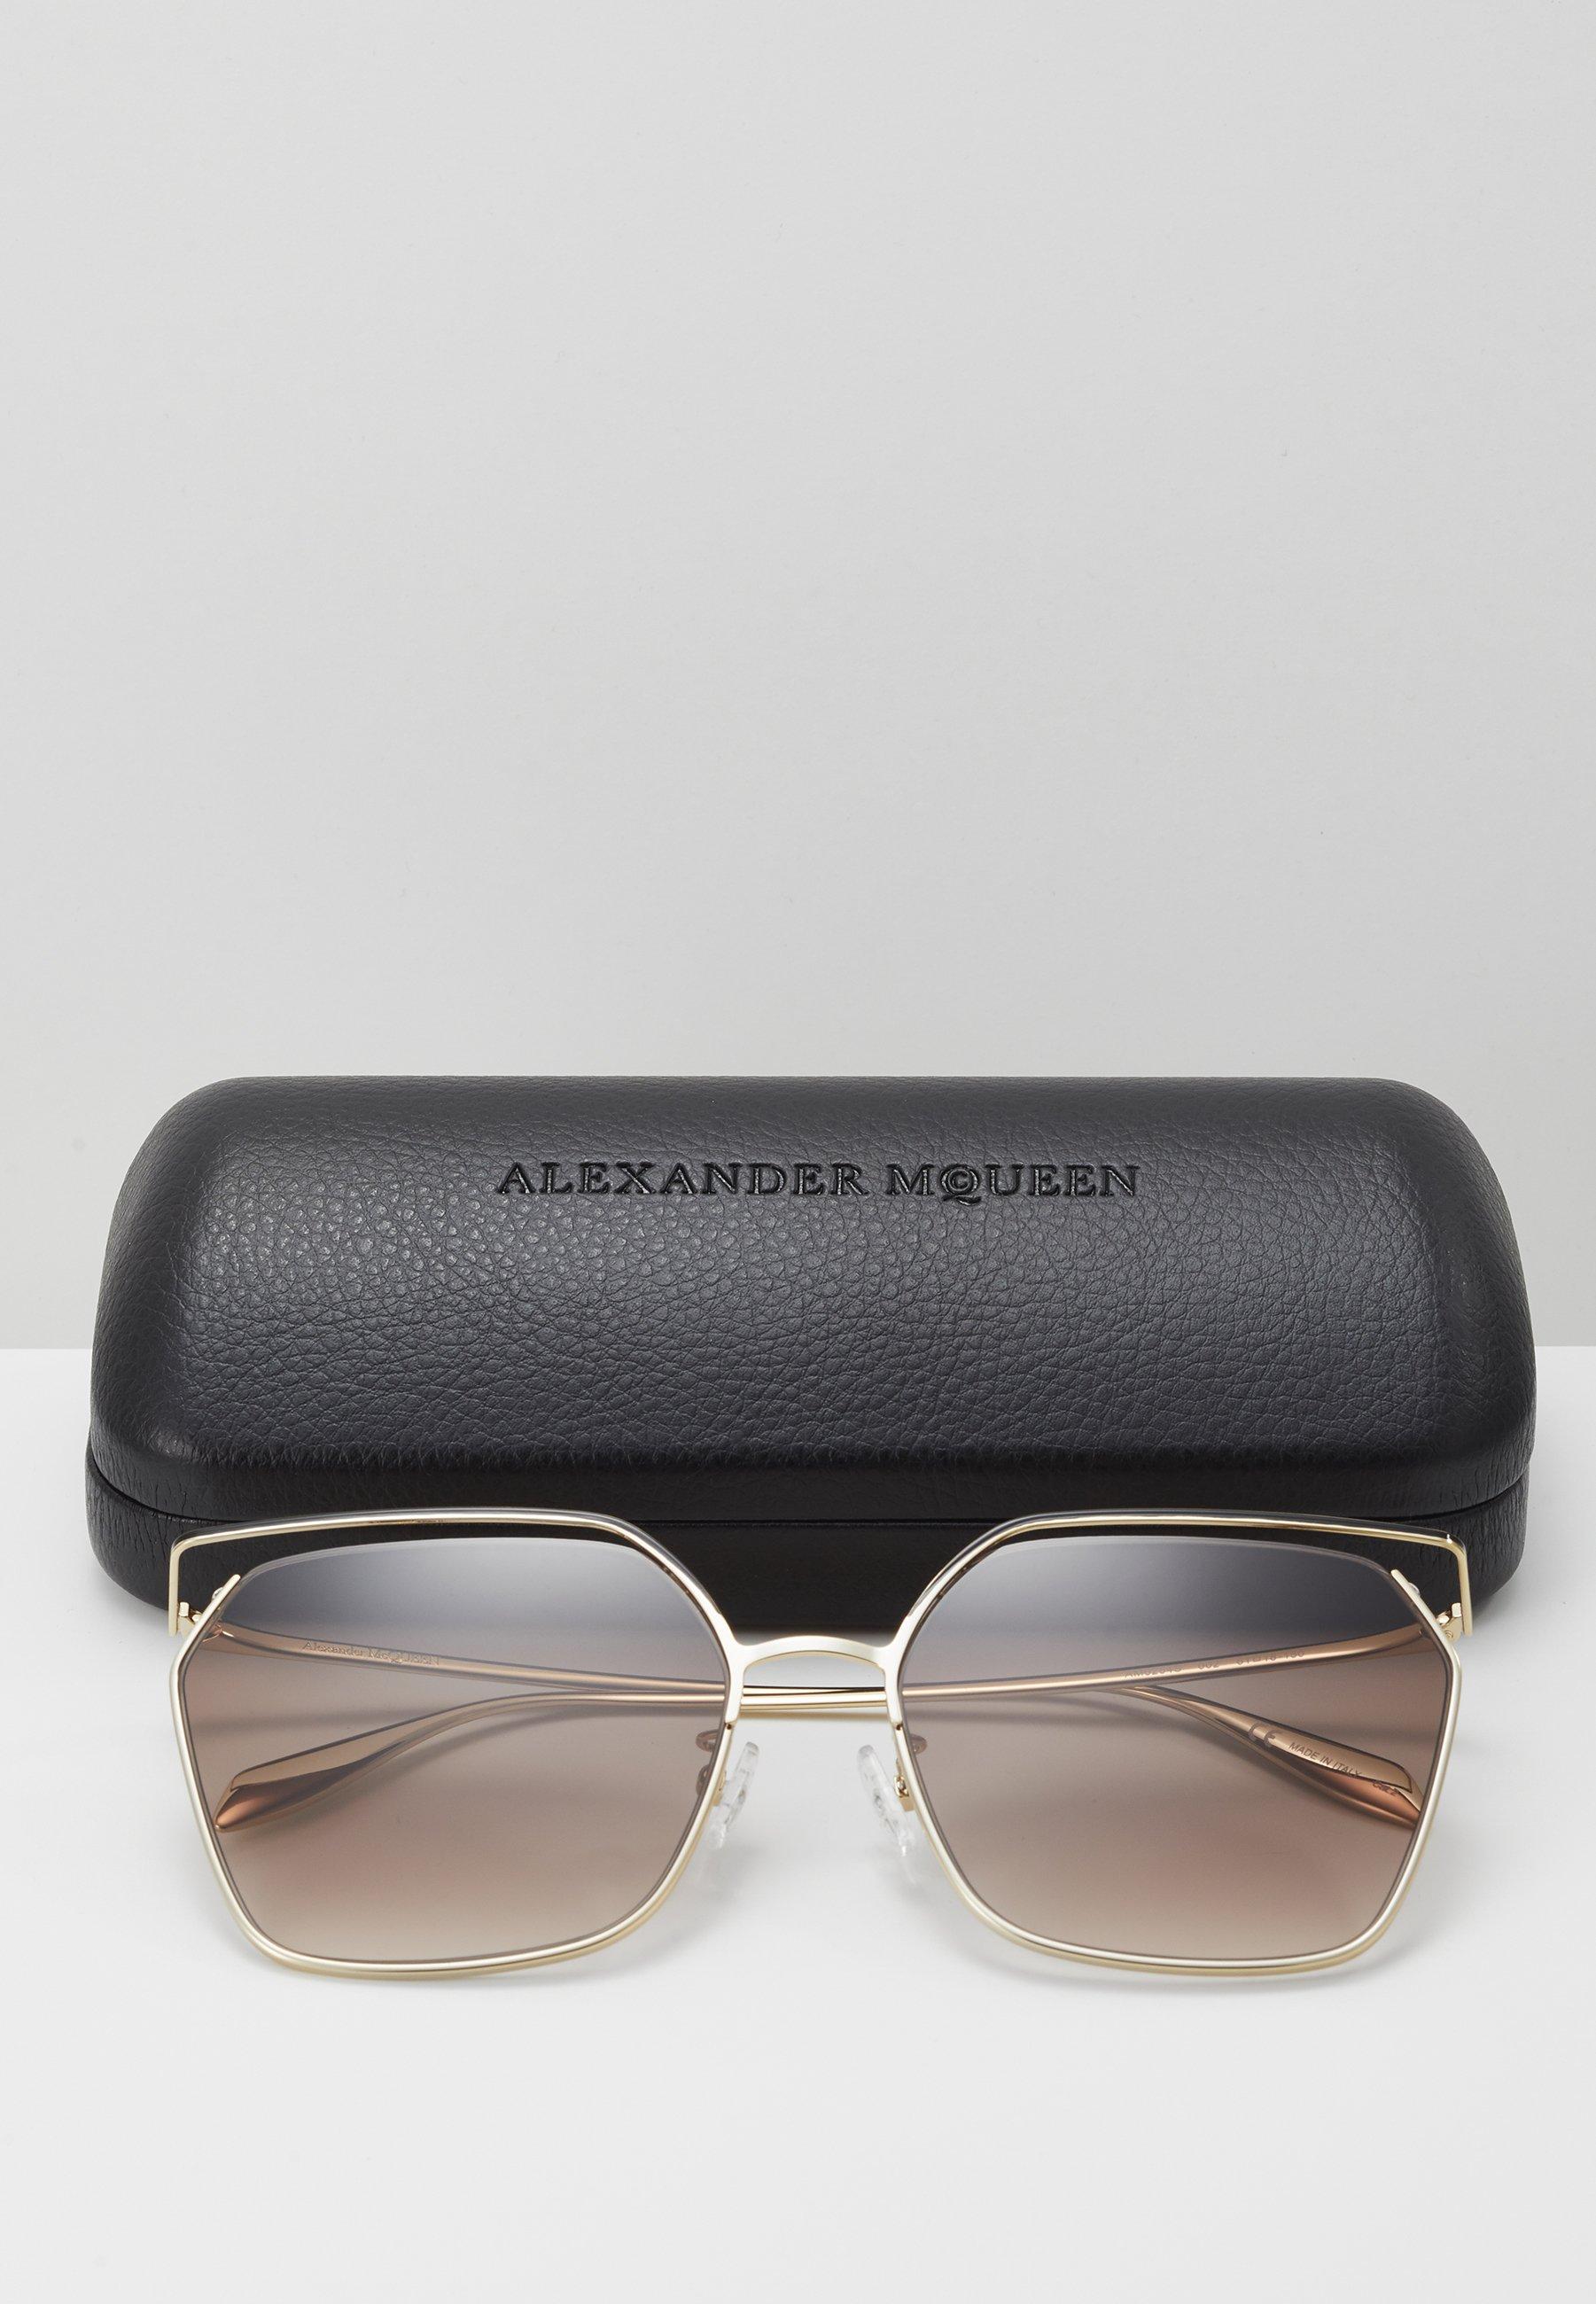 Alexander McQueen SUNGLASS WOMAN  - Lunettes de soleil - gold-coloured/brown